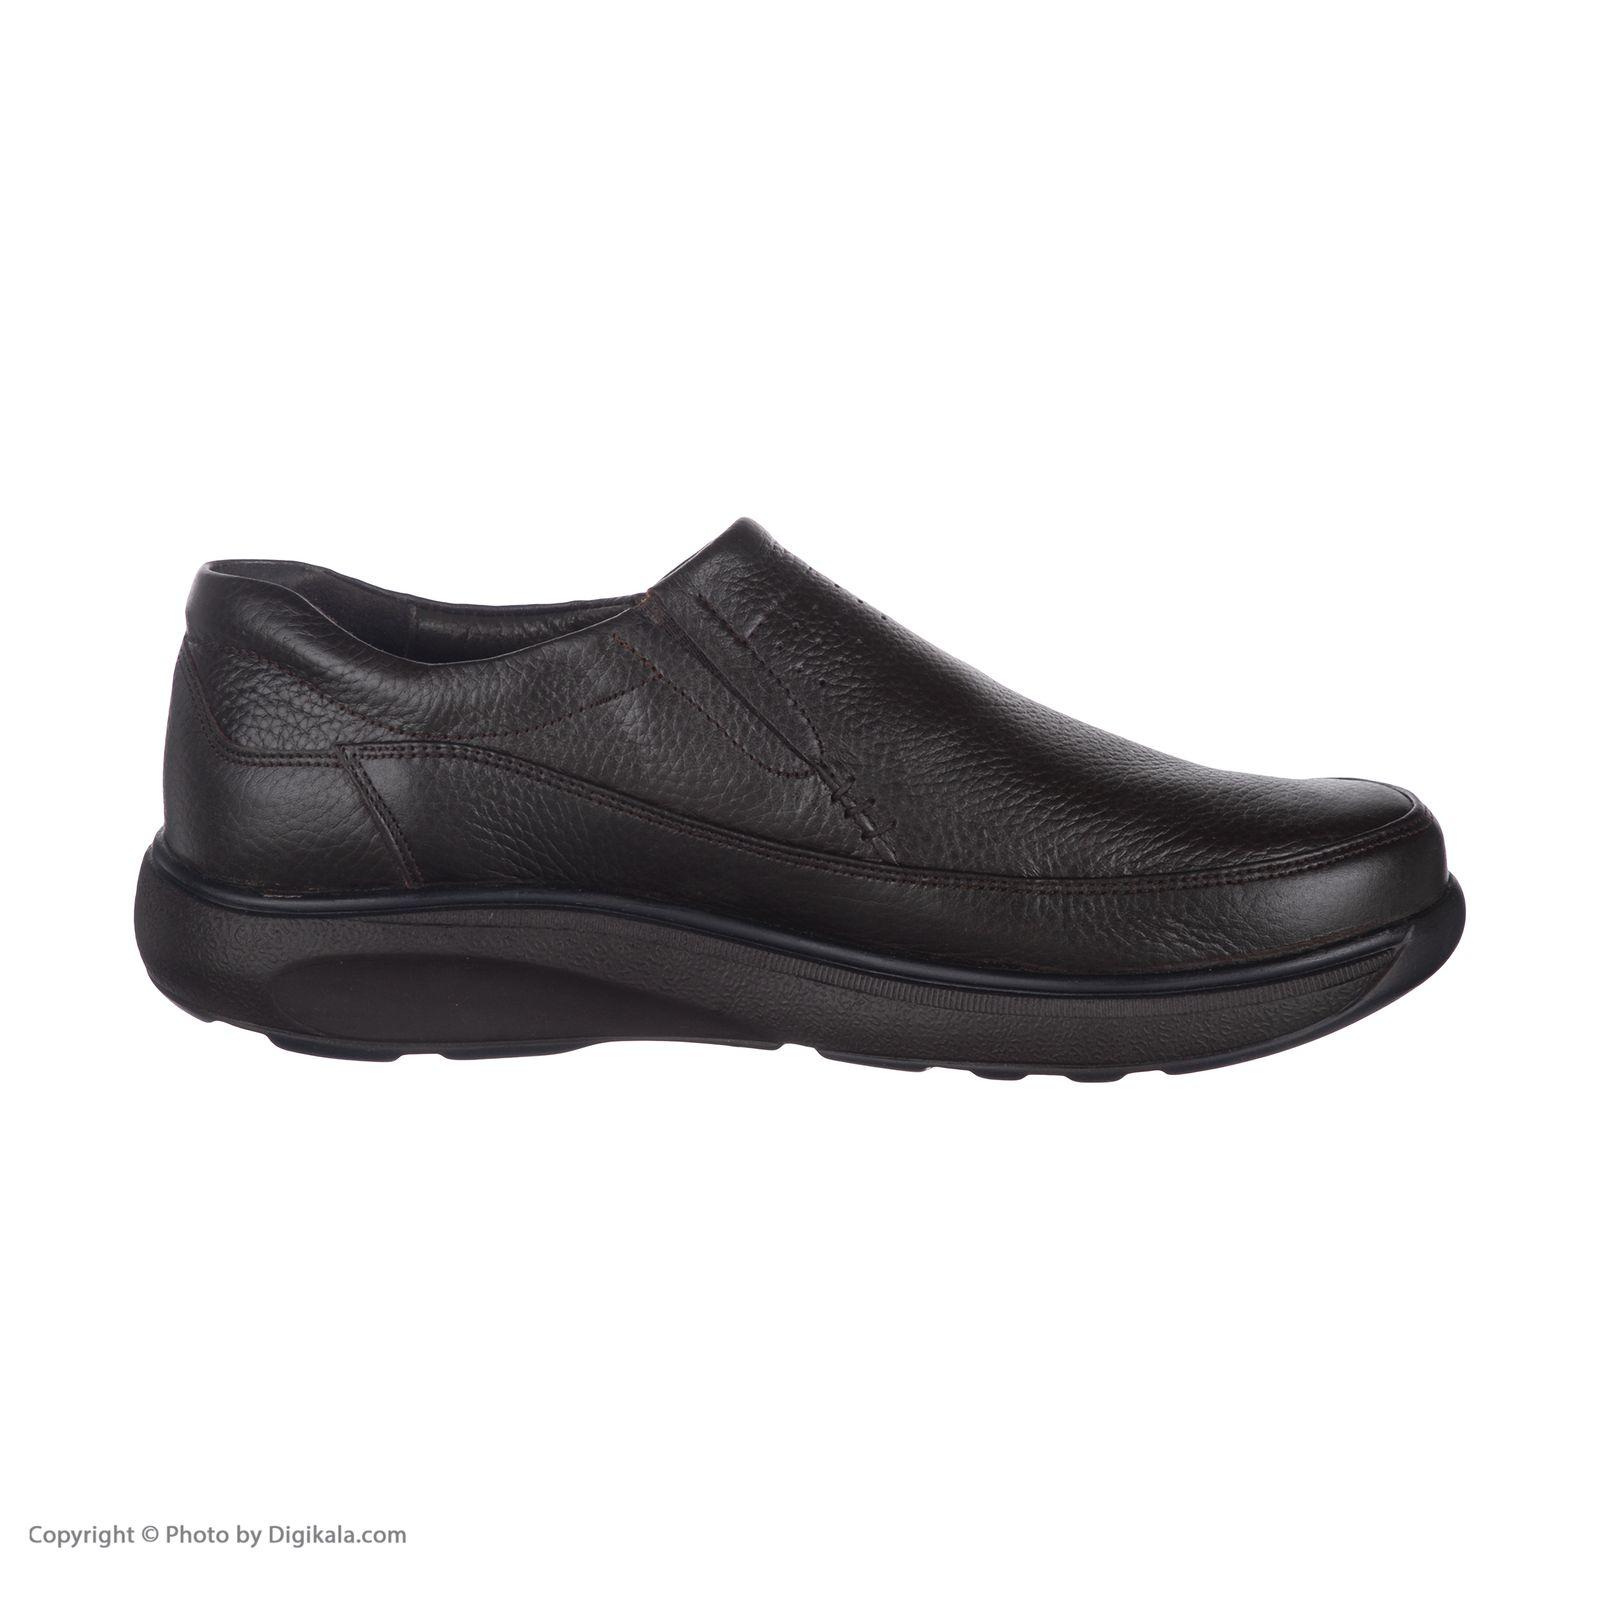 کفش روزمره مردانه دانادل مدل 8605A503104 -  - 3